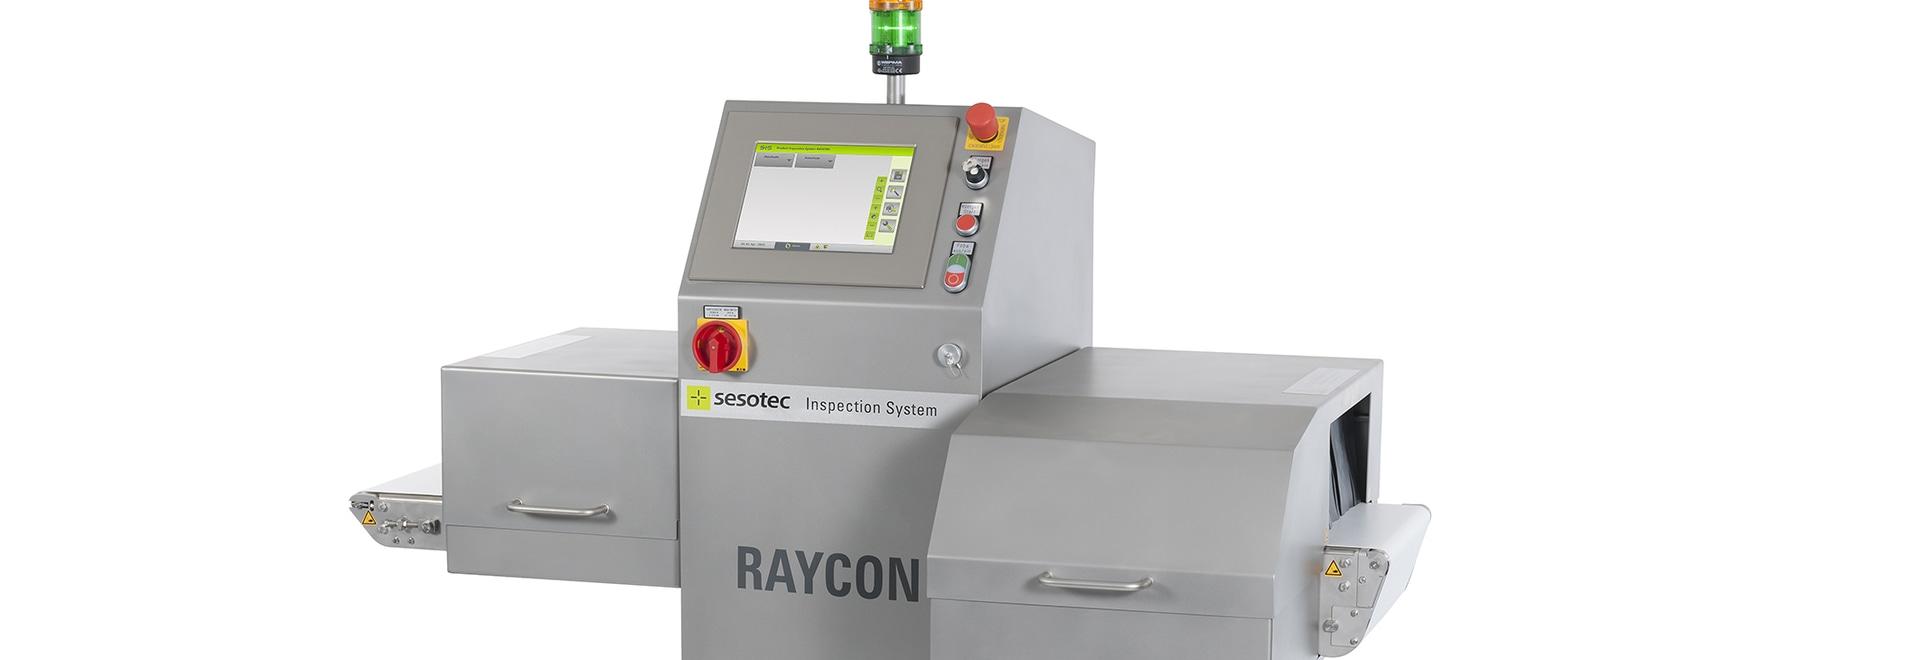 Khao Shong Kaffeemischungen werden mit einem Röntgen-Inspektionssystem RAYCON von Sesotec untersucht.